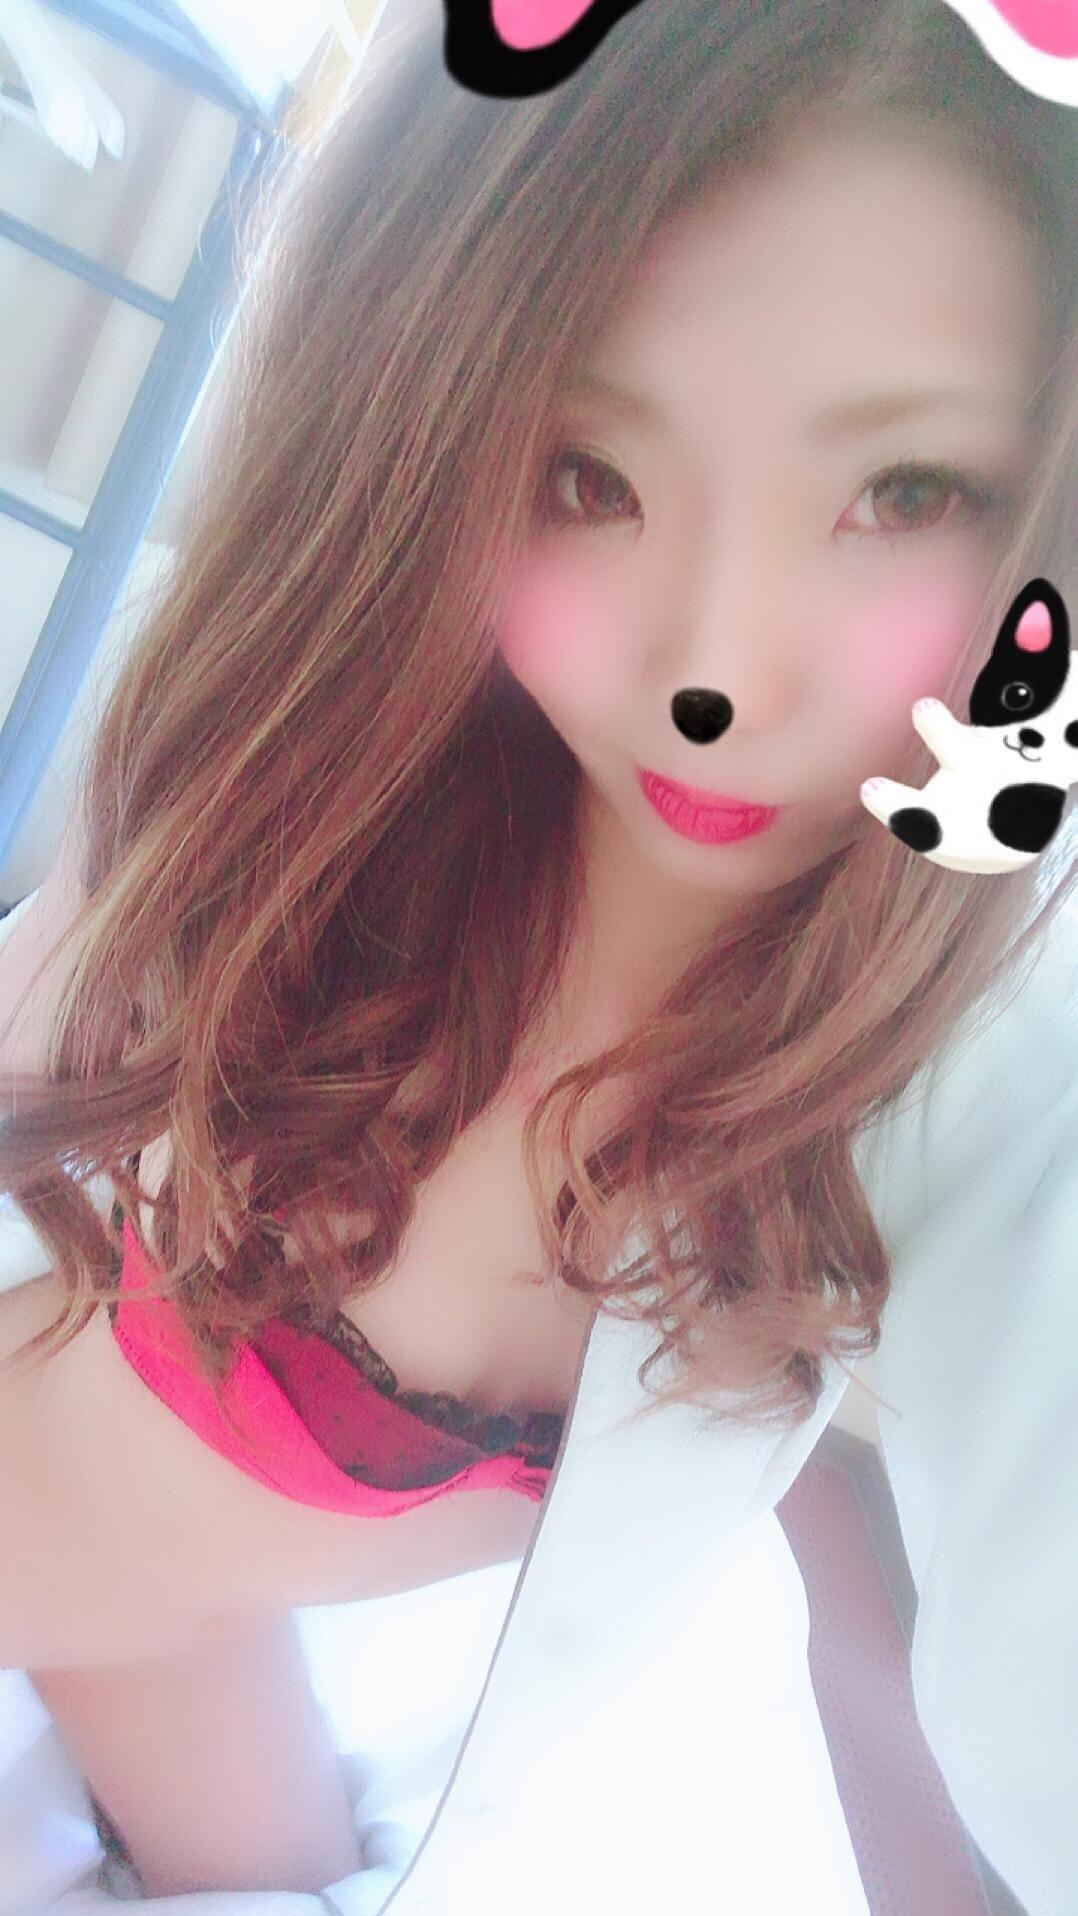 「15じから出勤なり( ¨̮⋆)」07/21(土) 14:05 | 細身M嬢☆あみの写メ・風俗動画